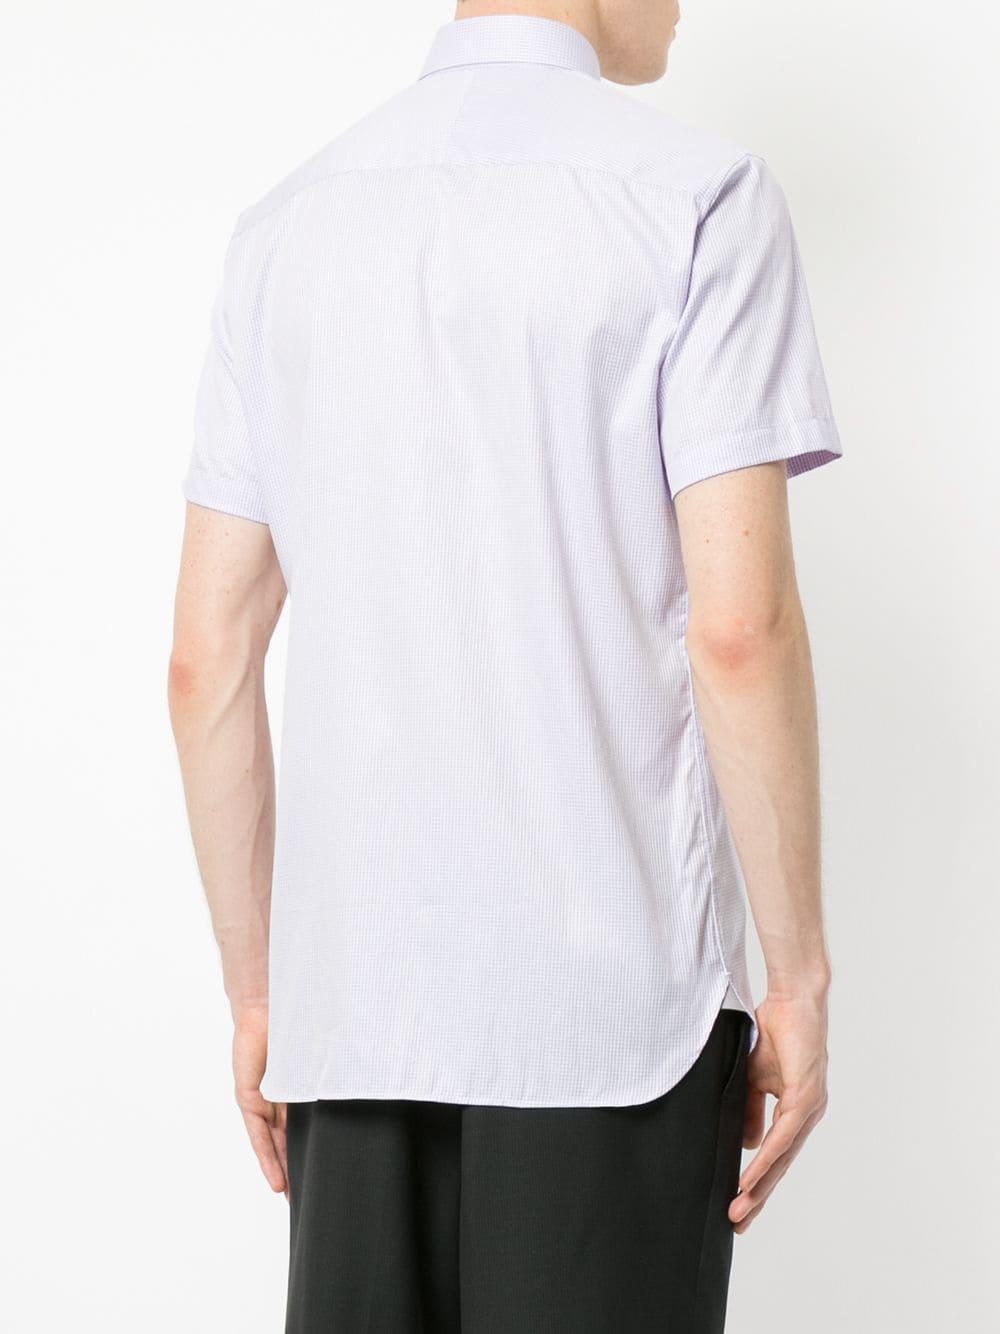 Lyst Pink Hawkes Gieves con para Camisa hombre estampado micro 1qppaw4